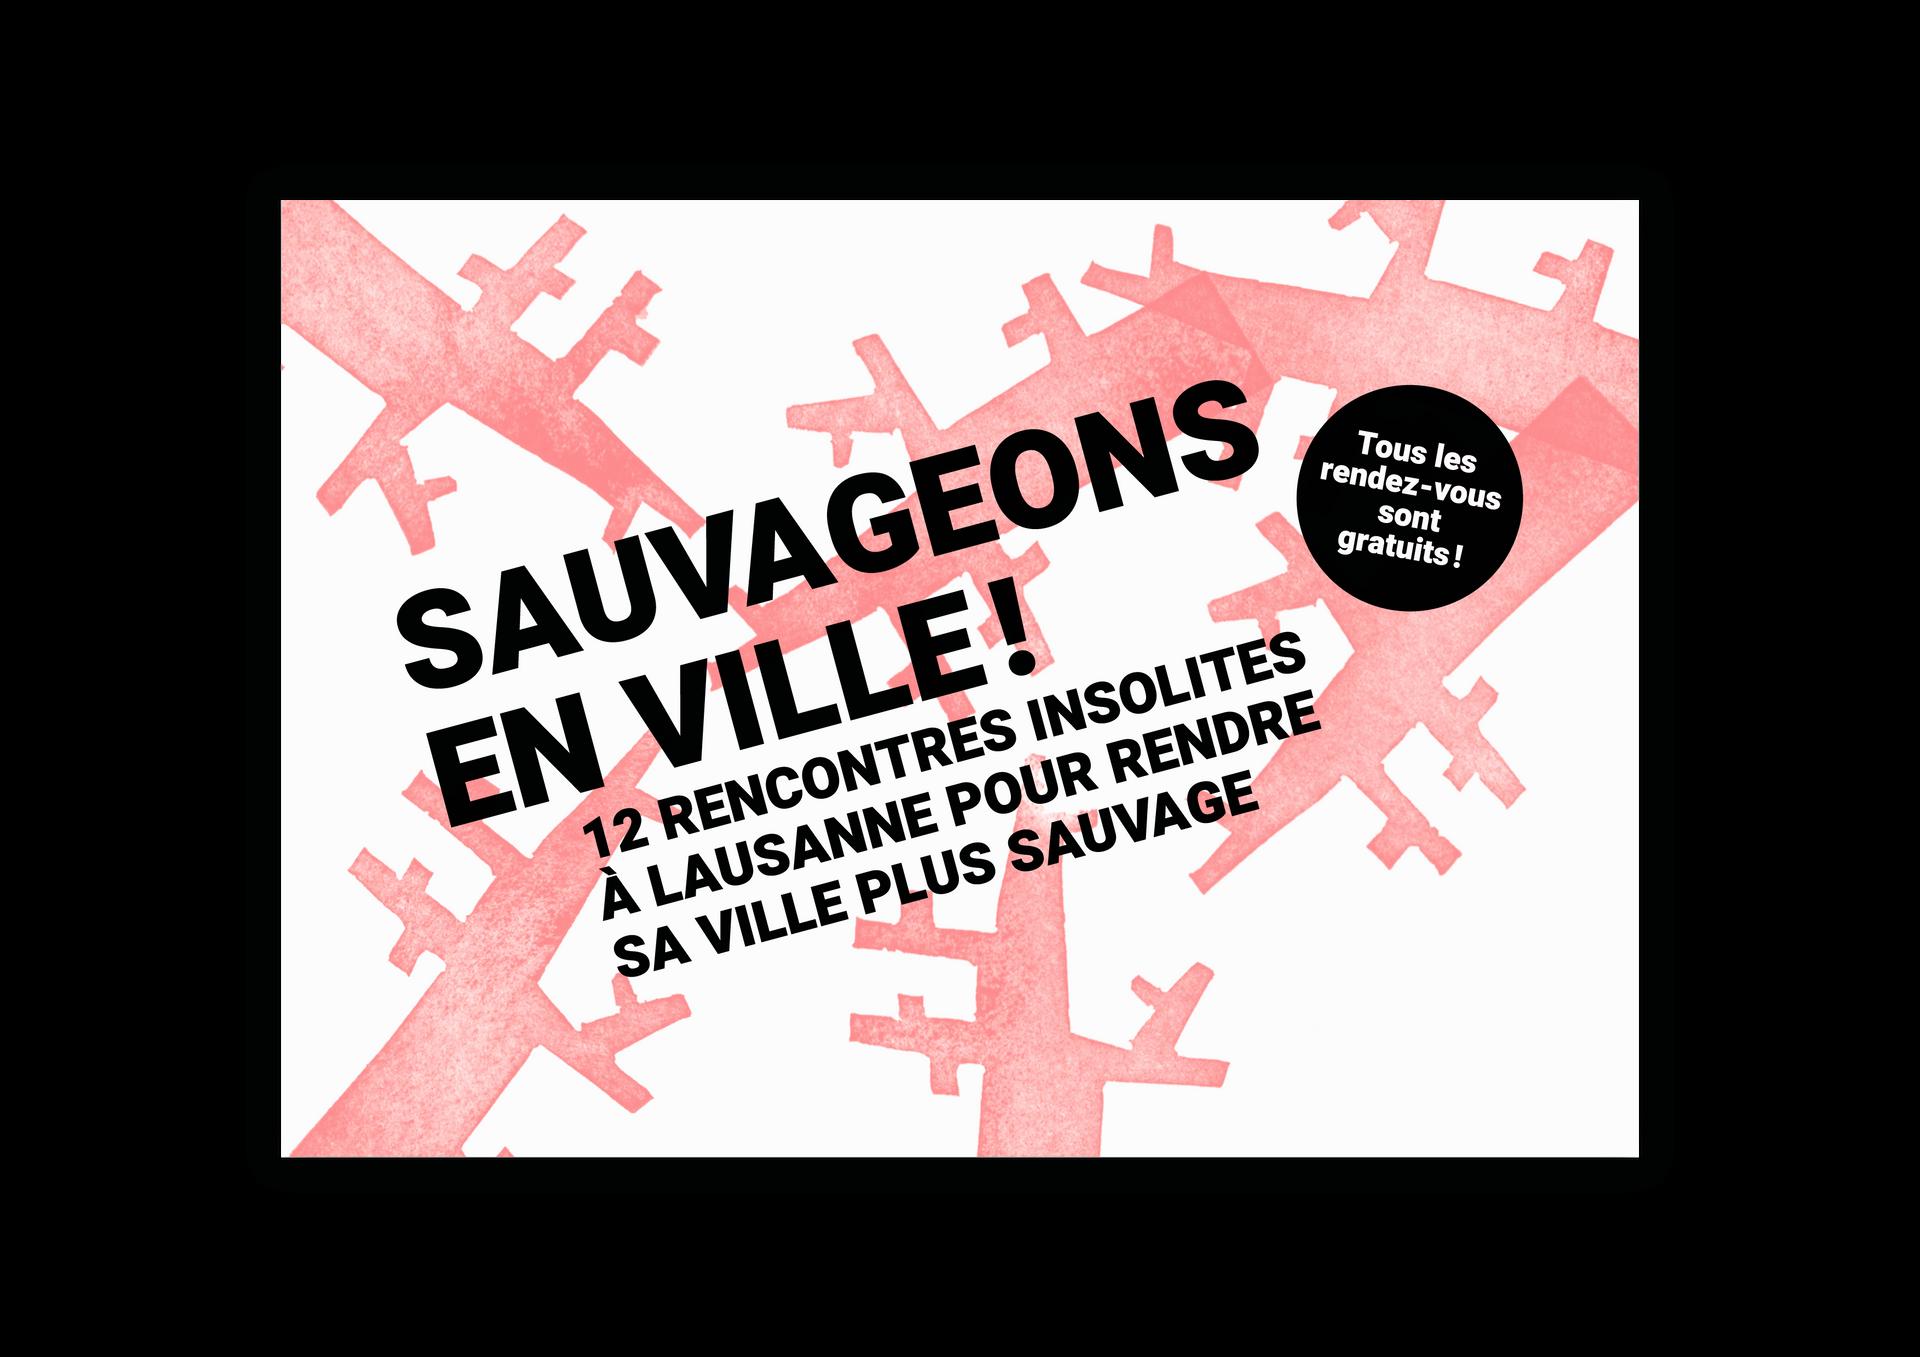 sauvageons.png